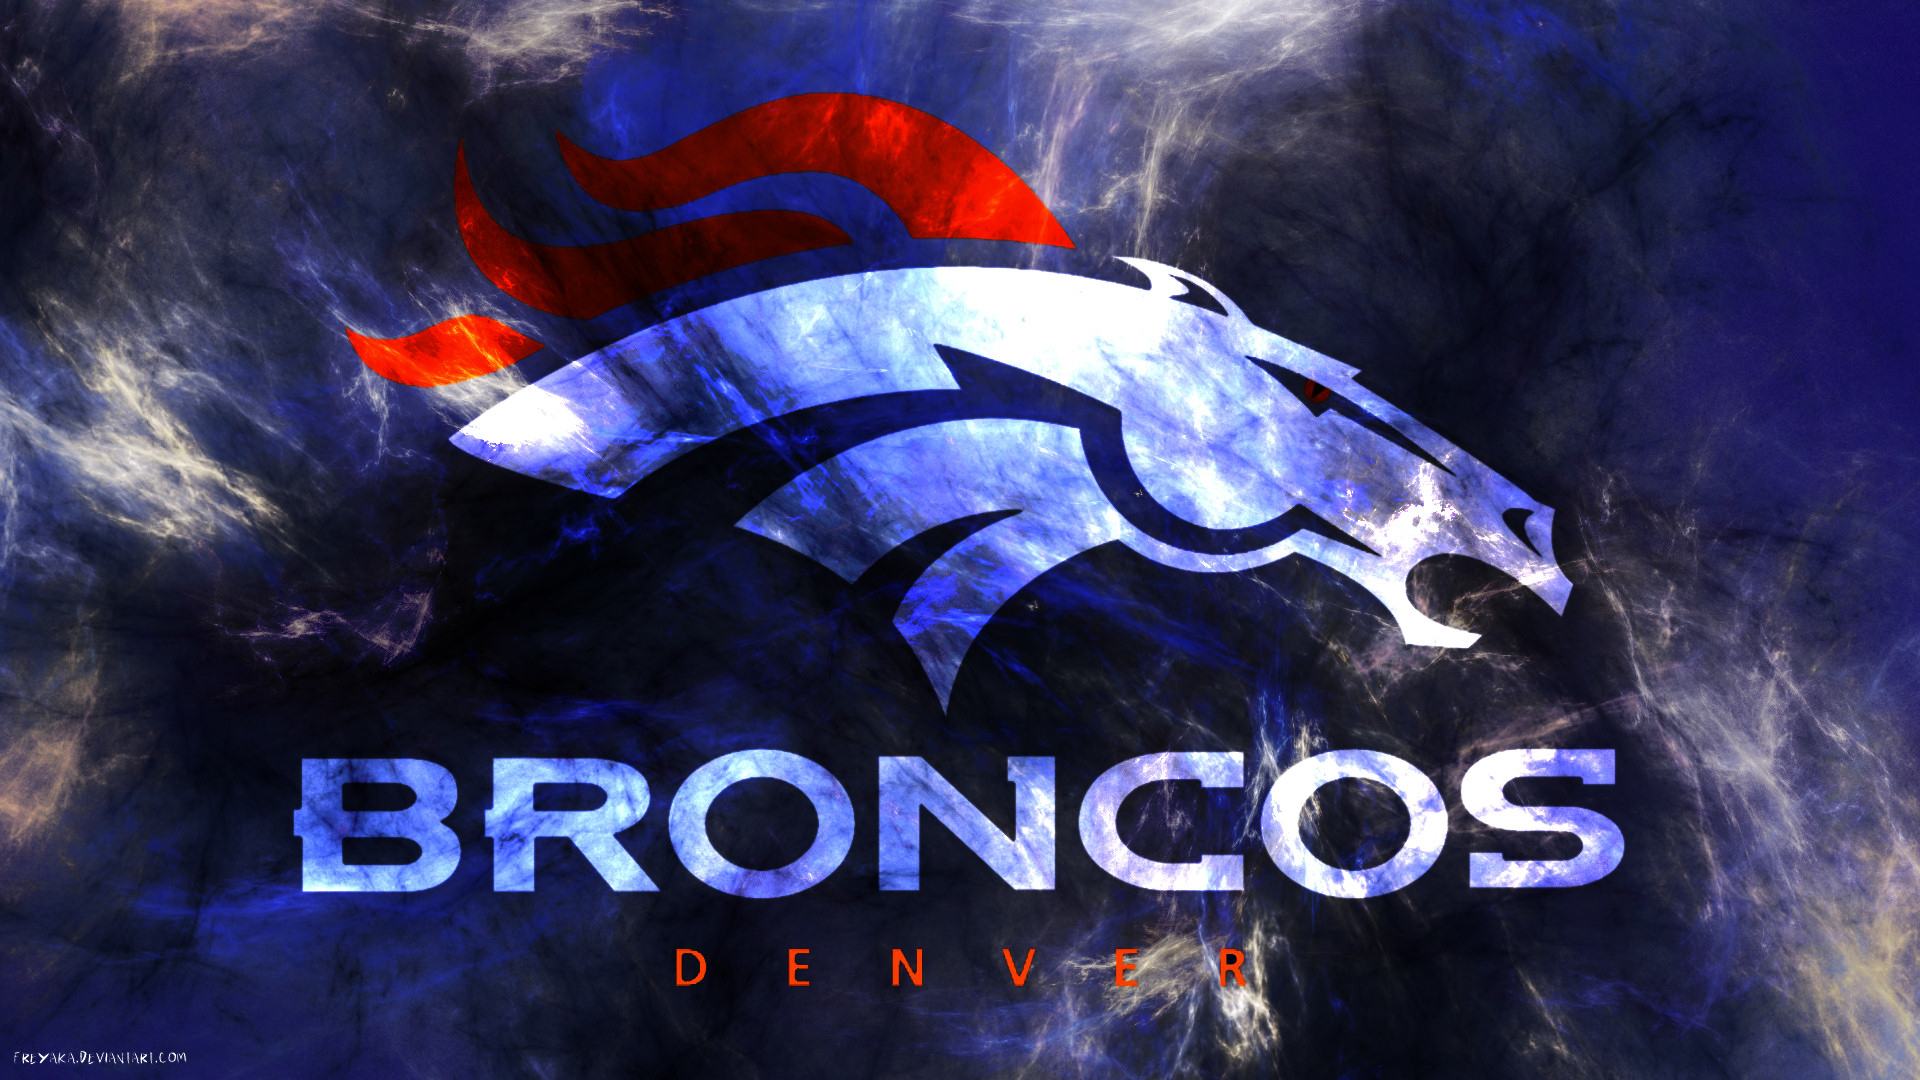 Denver broncos by freyaka on deviantart denver broncos by freyaka denver broncos by freyaka voltagebd Image collections